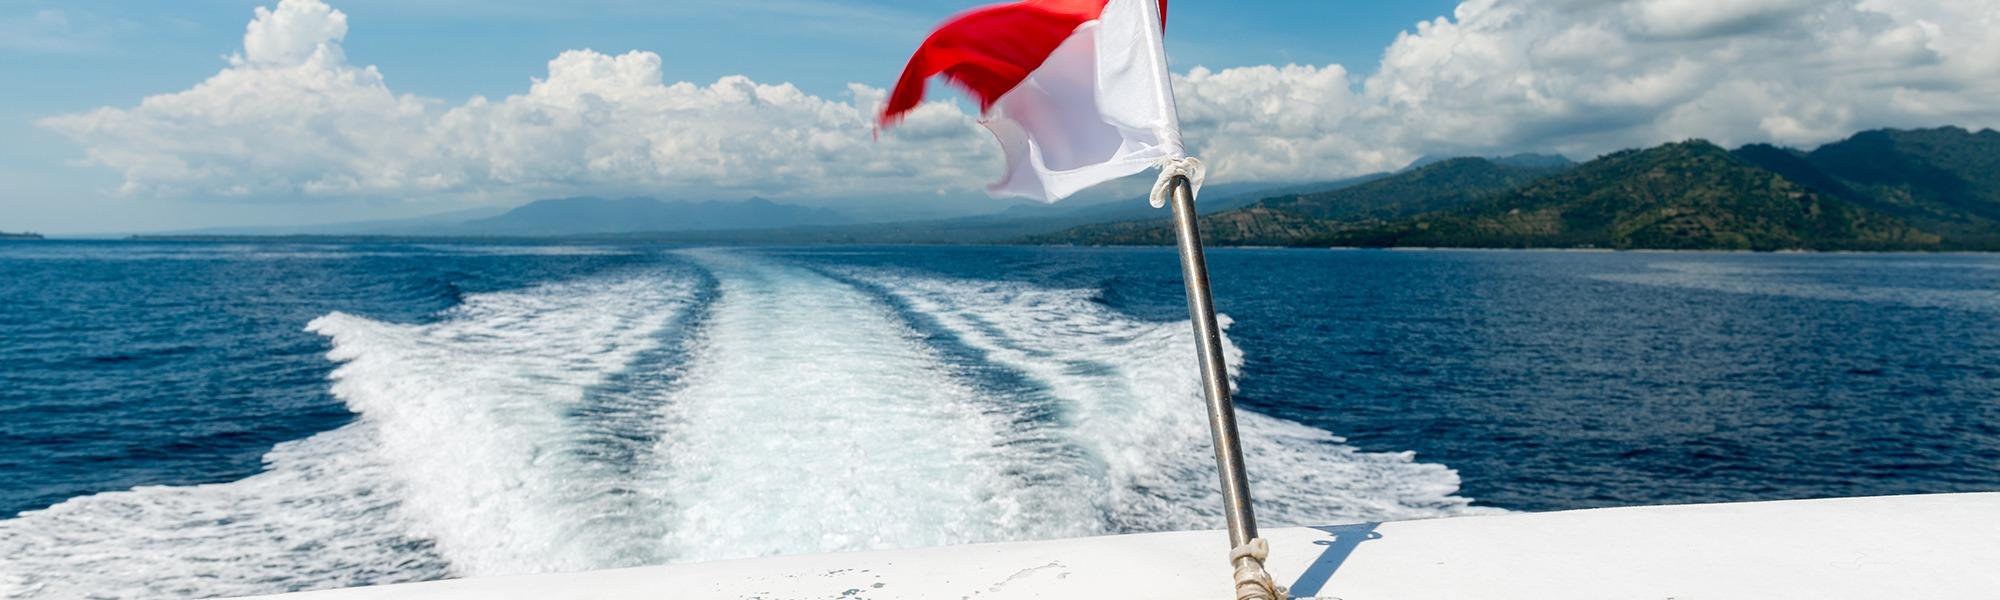 slider1-barco